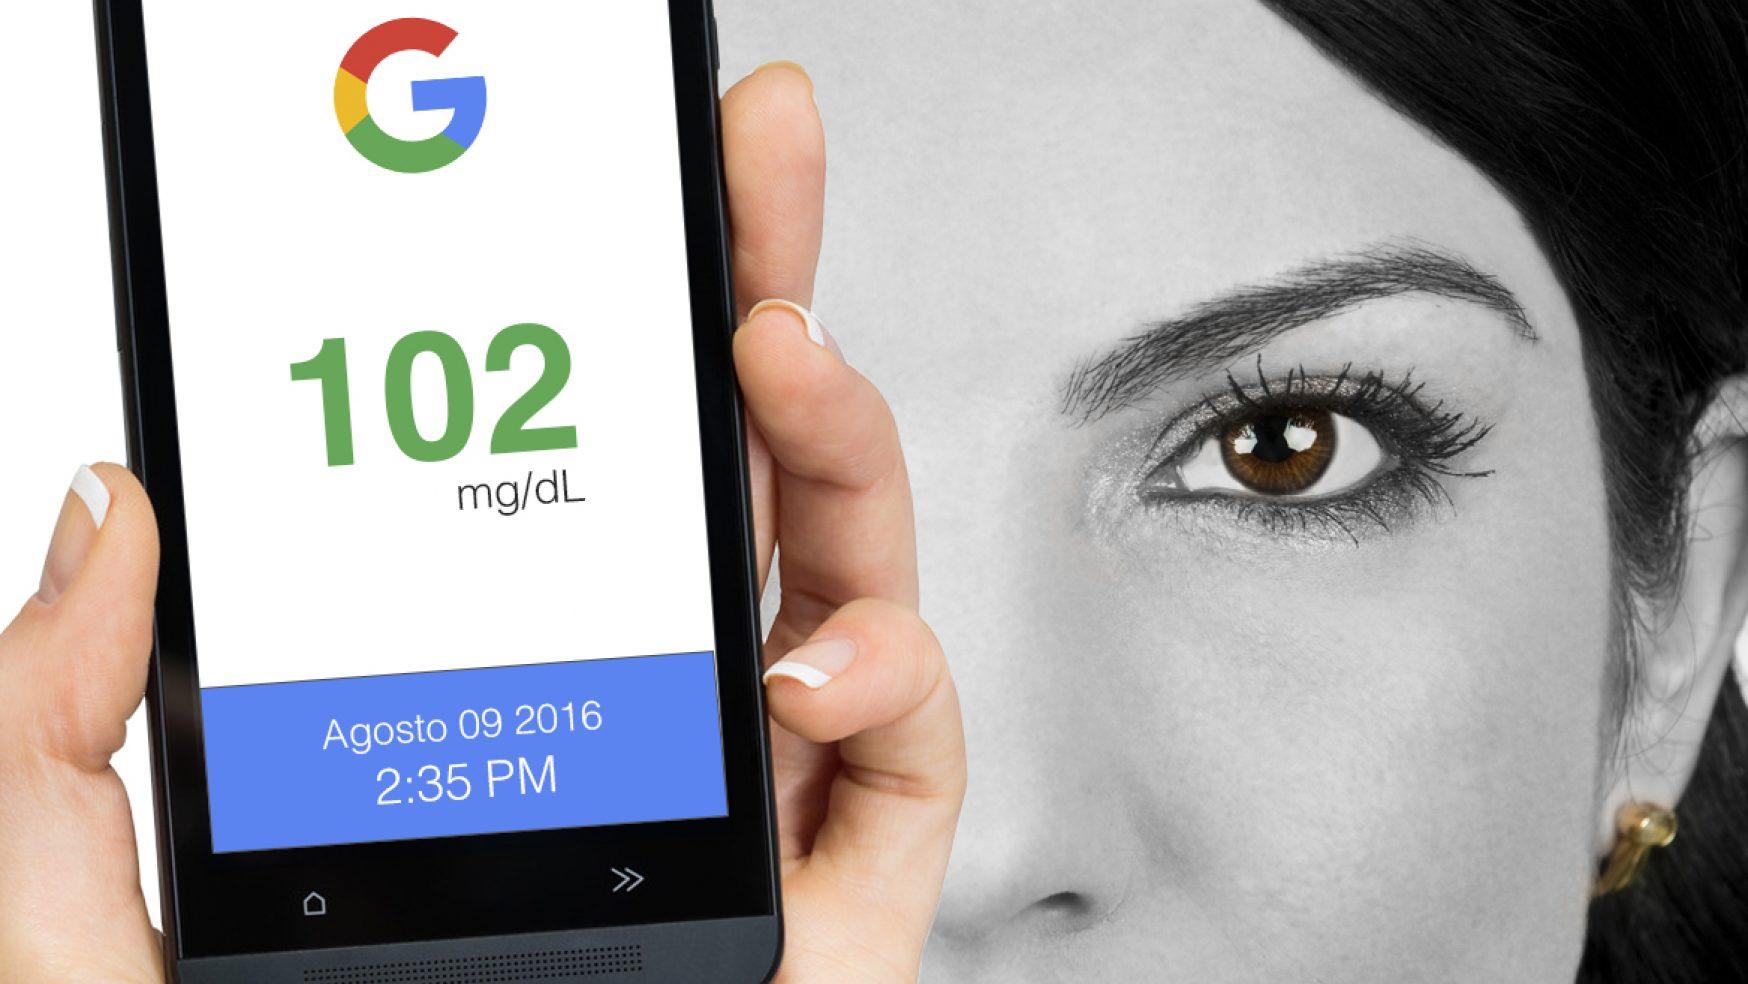 Lentes de contacto digitales de Google medirán continuamente los niveles de glucosa